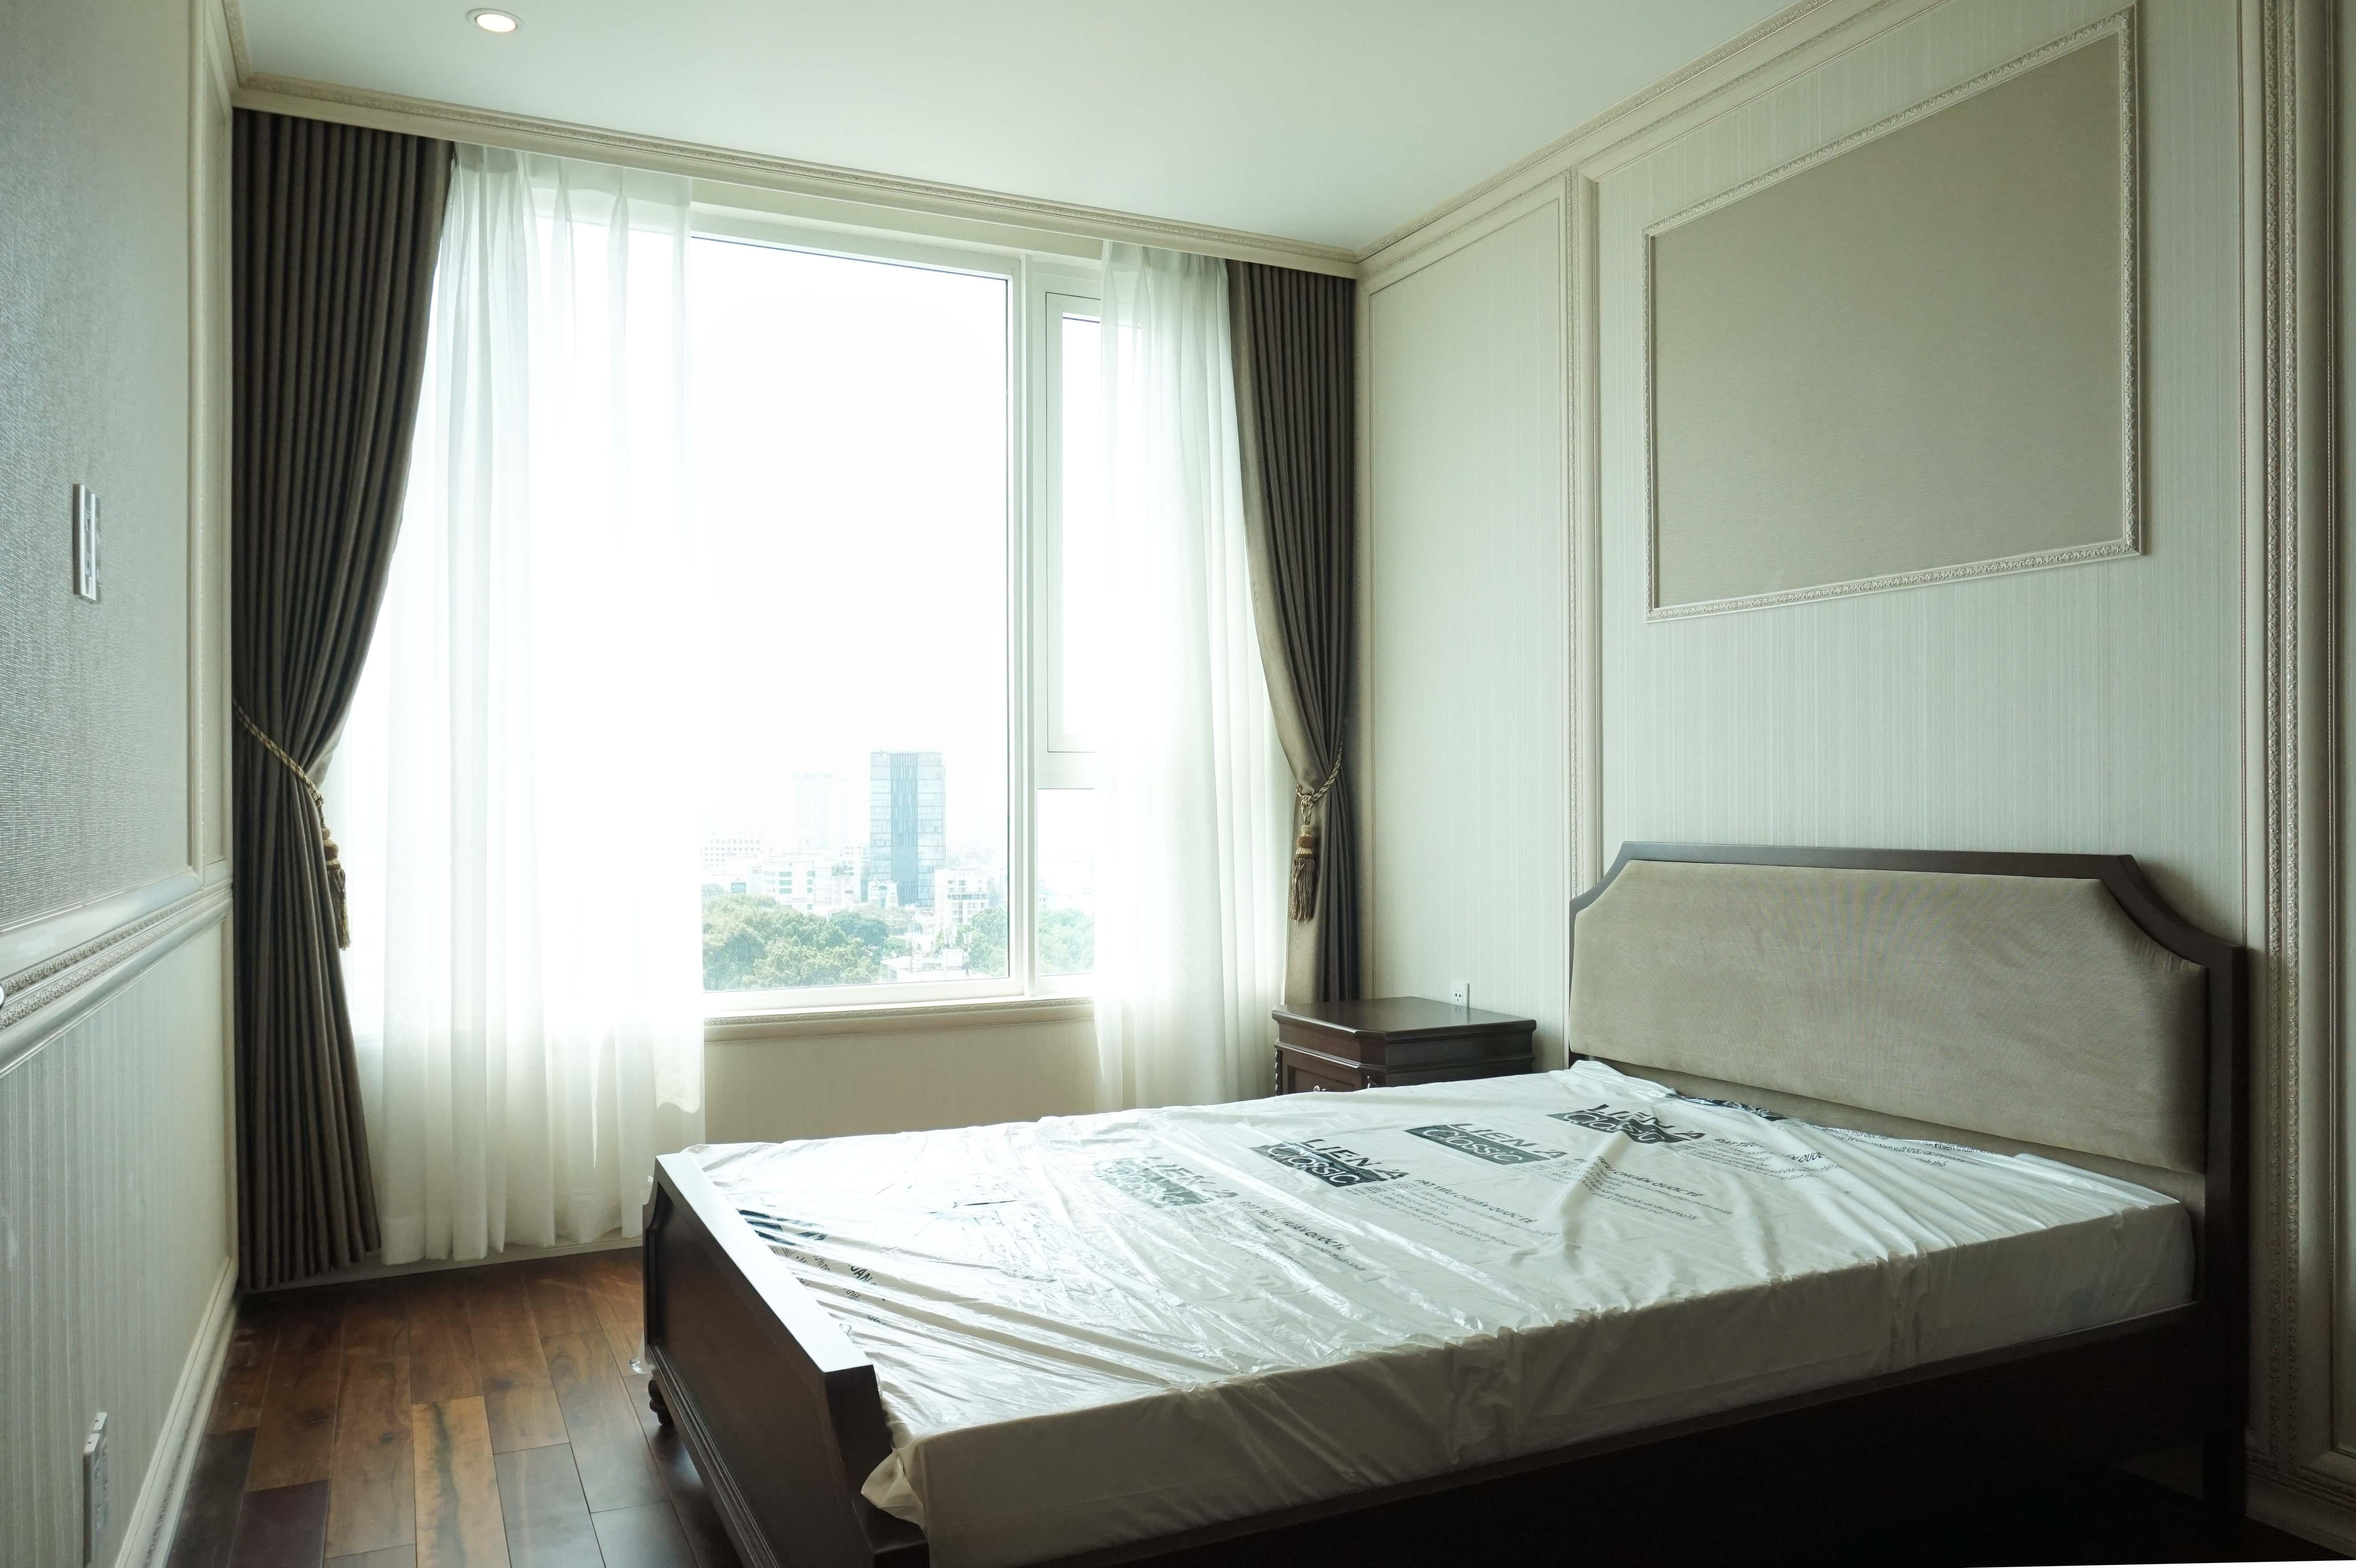 Căn hộ 2 PN Léman Luxury - Đầy Đủ Nội Thất - Căn Hộ Ấm Cúng Và Tinh Tế-9